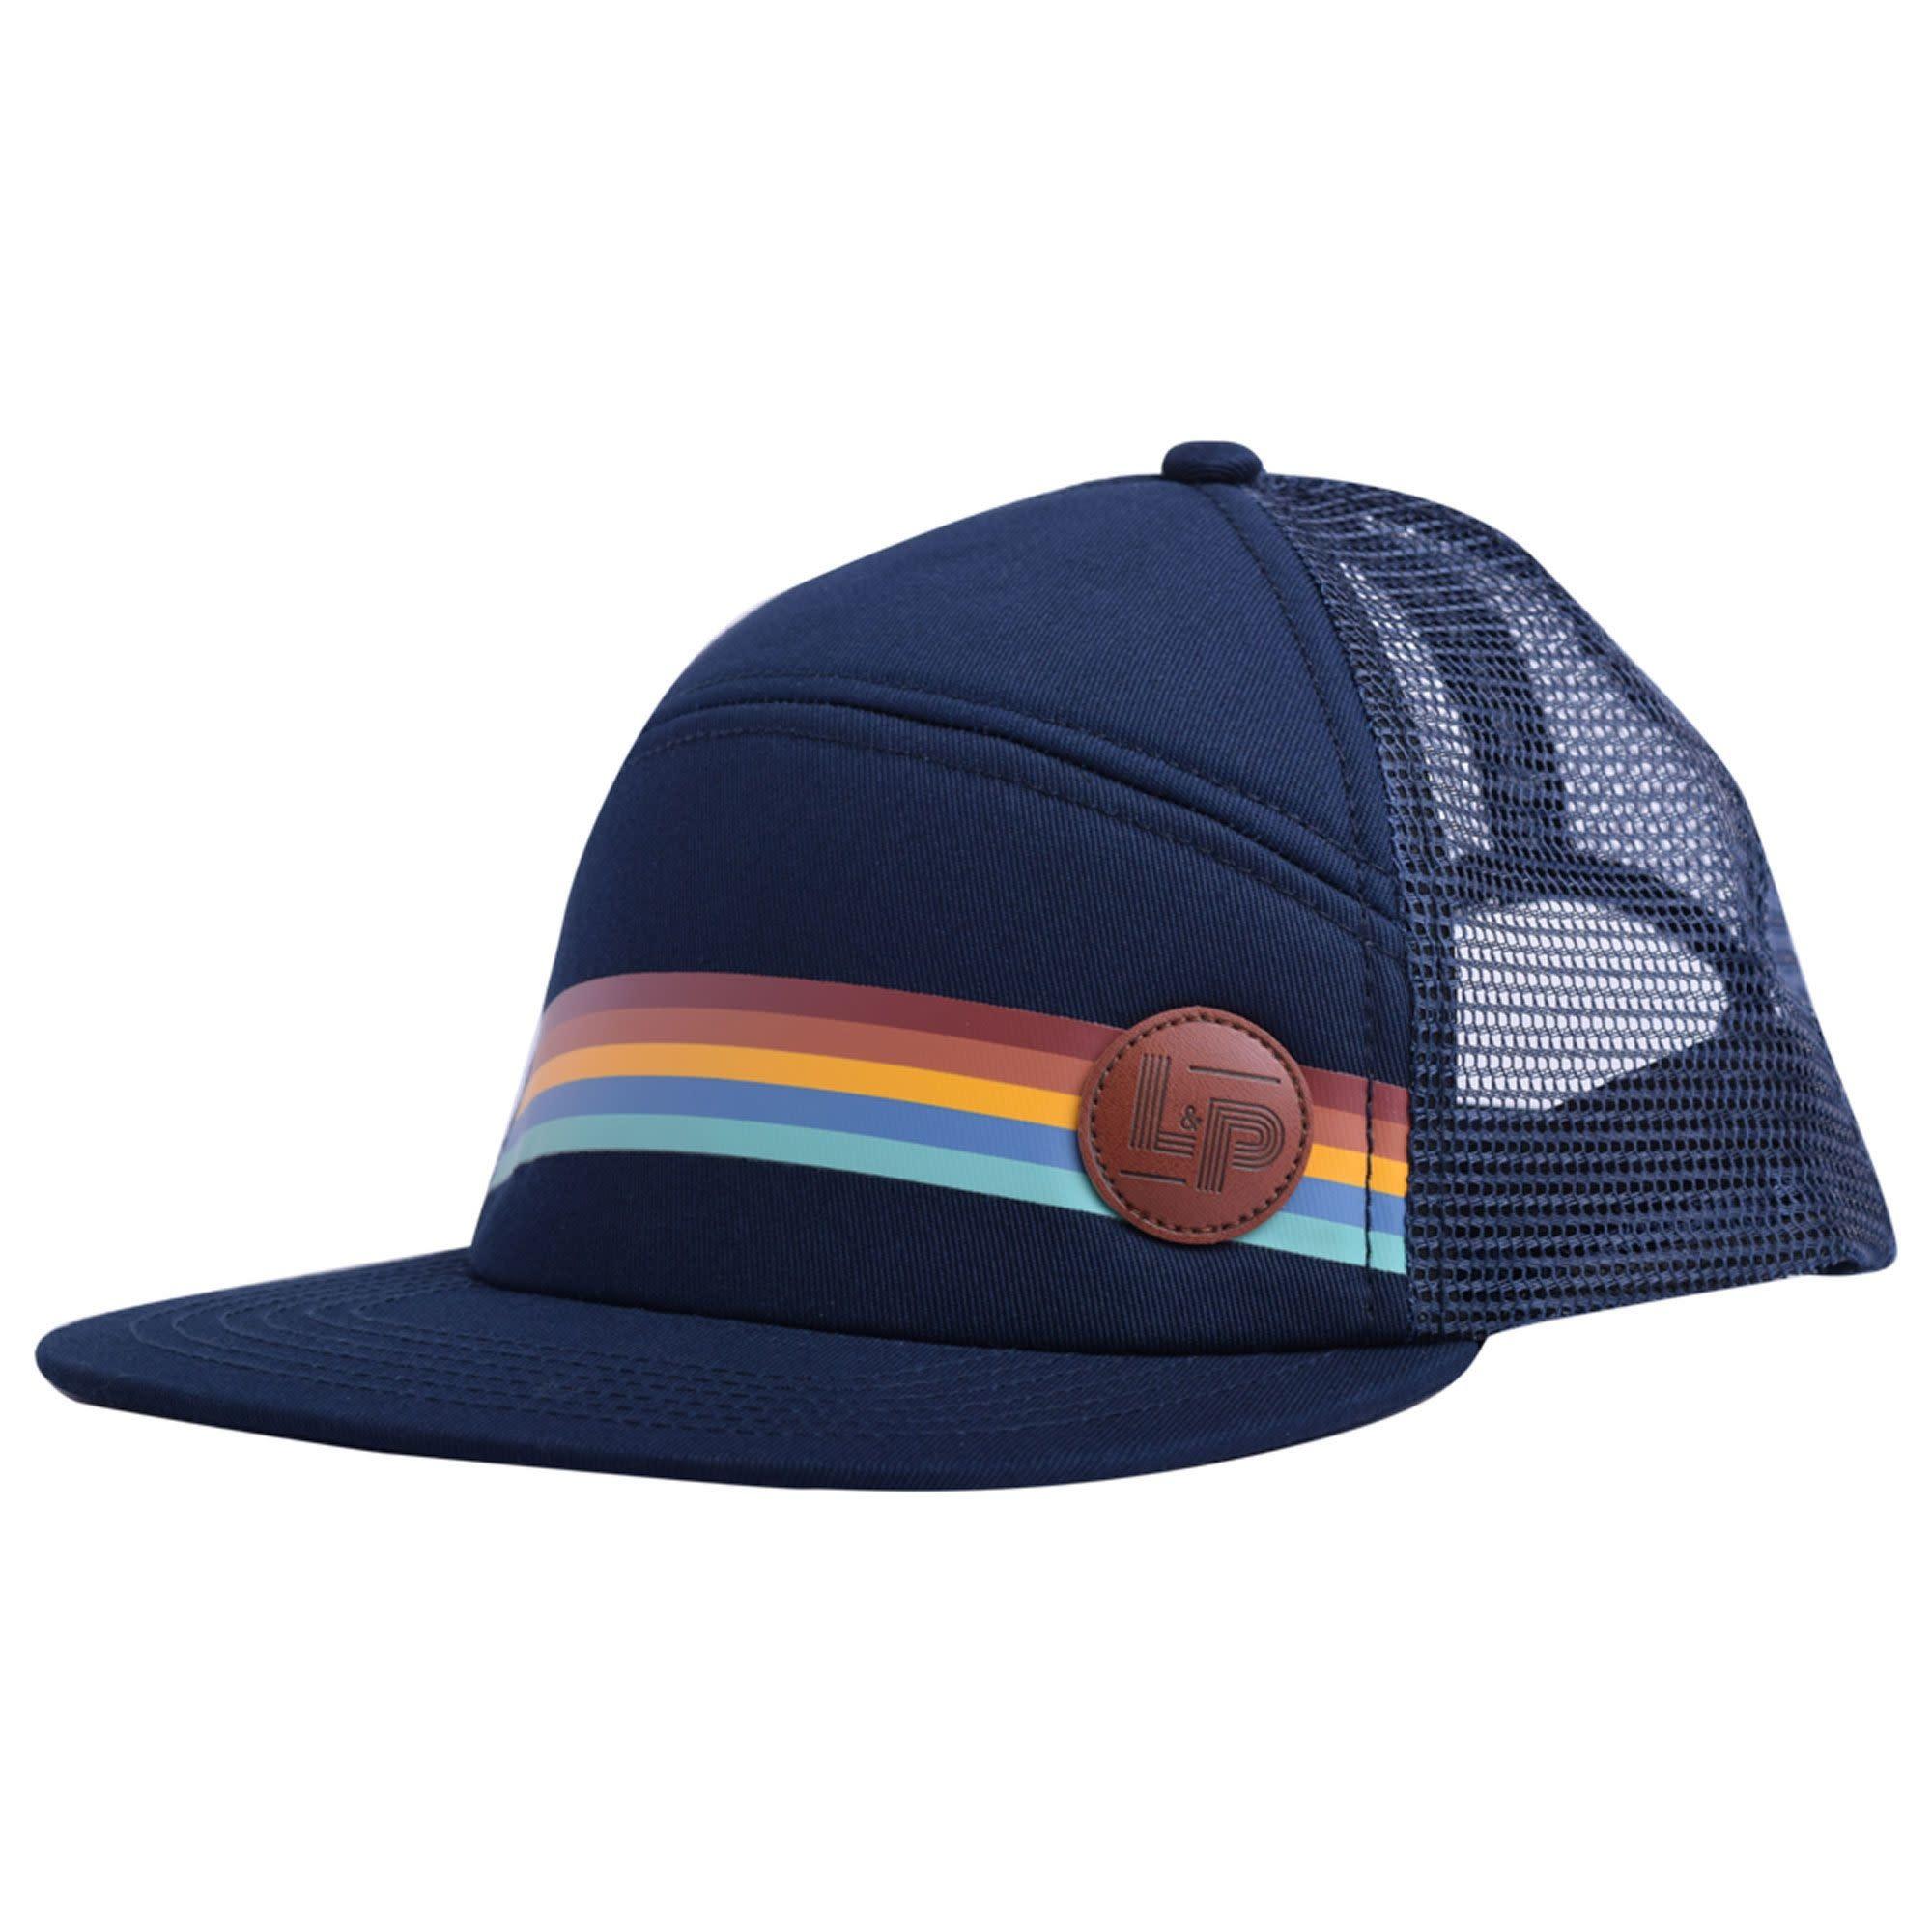 Portland Snapback Cap